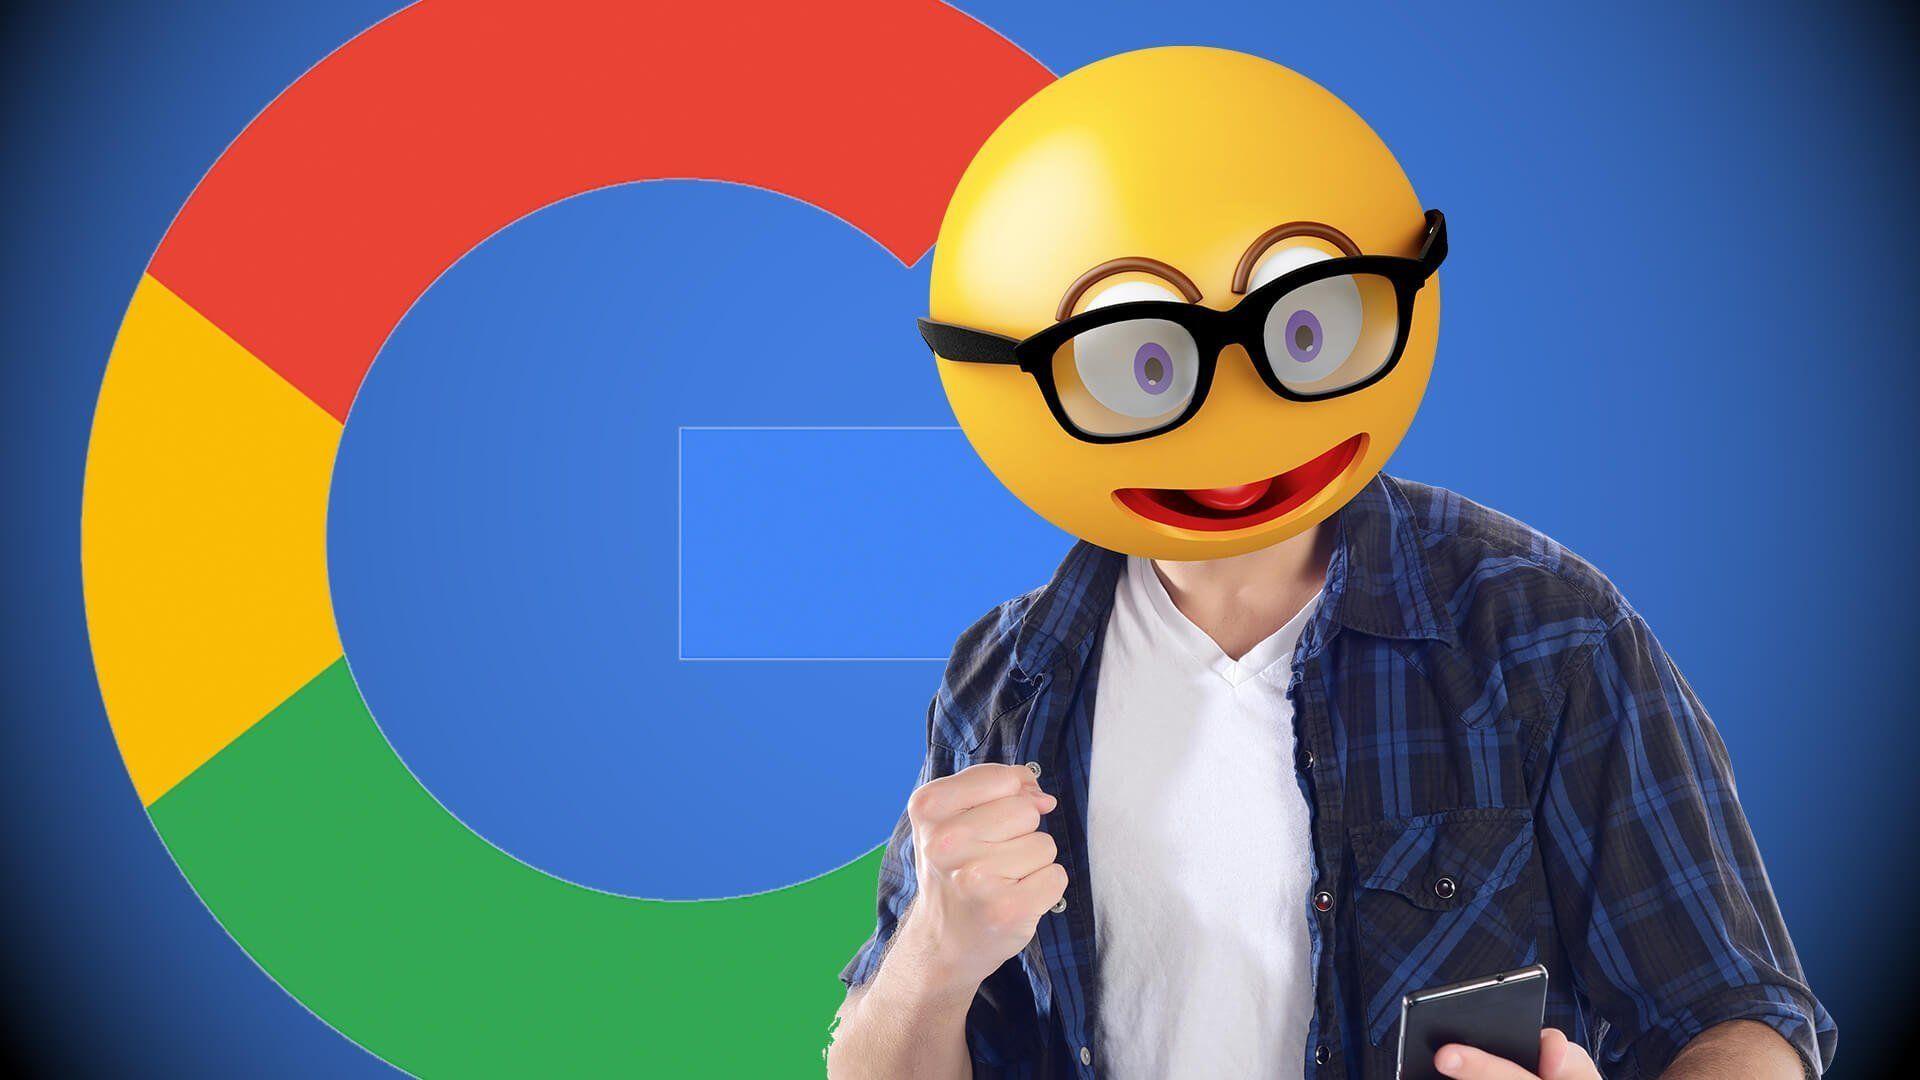 est ce que google comprend les emojis